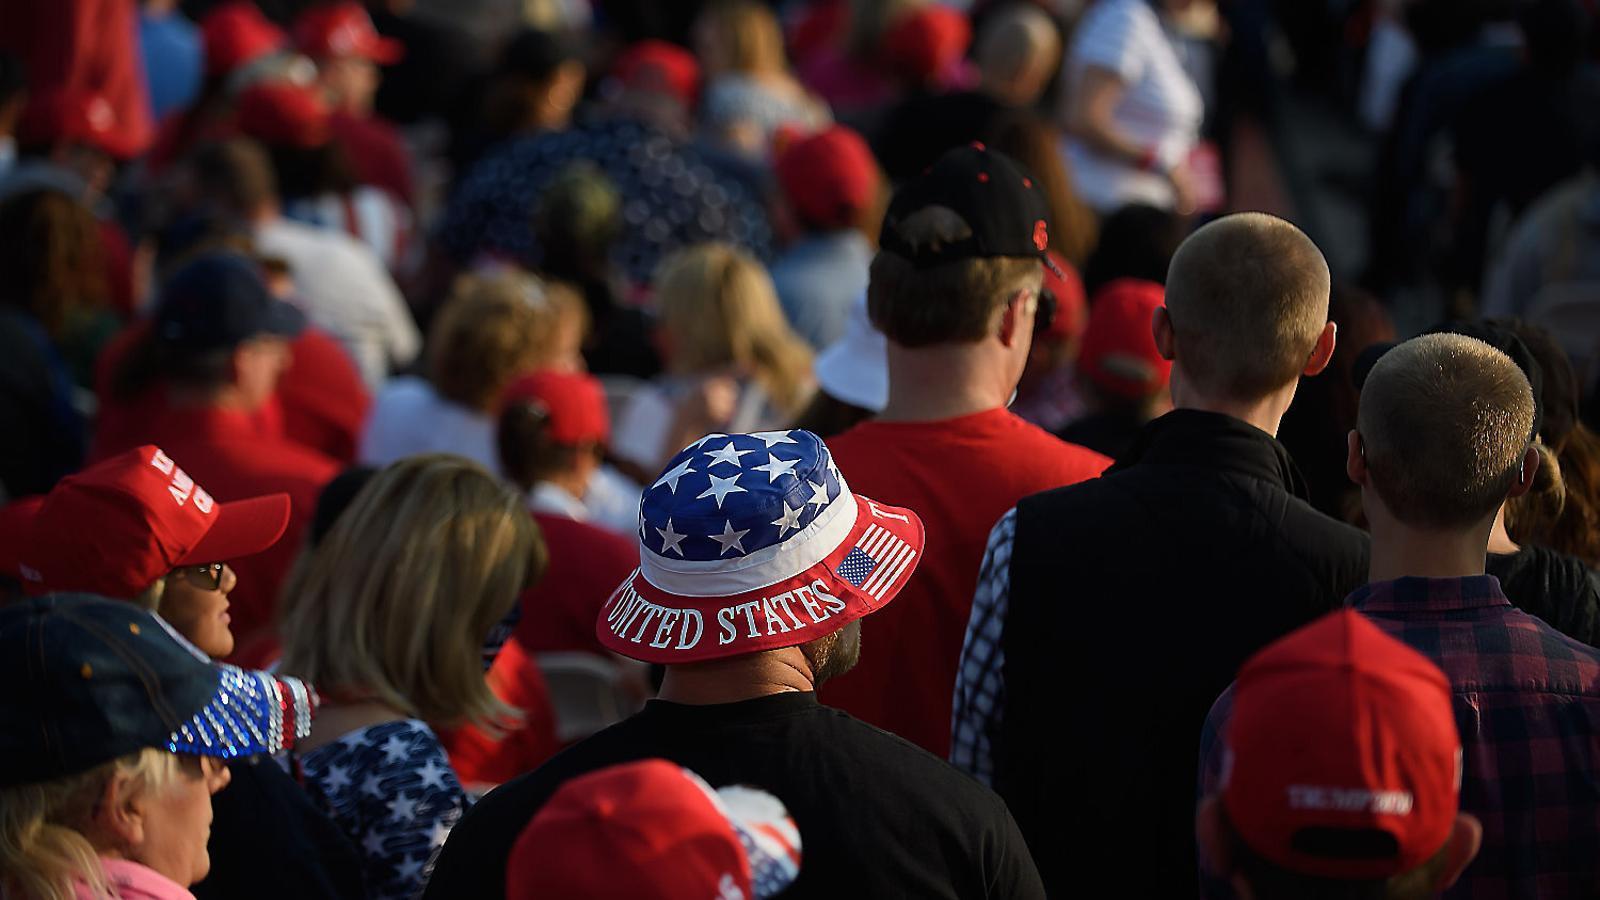 Votants de Trump en un acte electoral amb el president, dimarts a Pennsilvània.